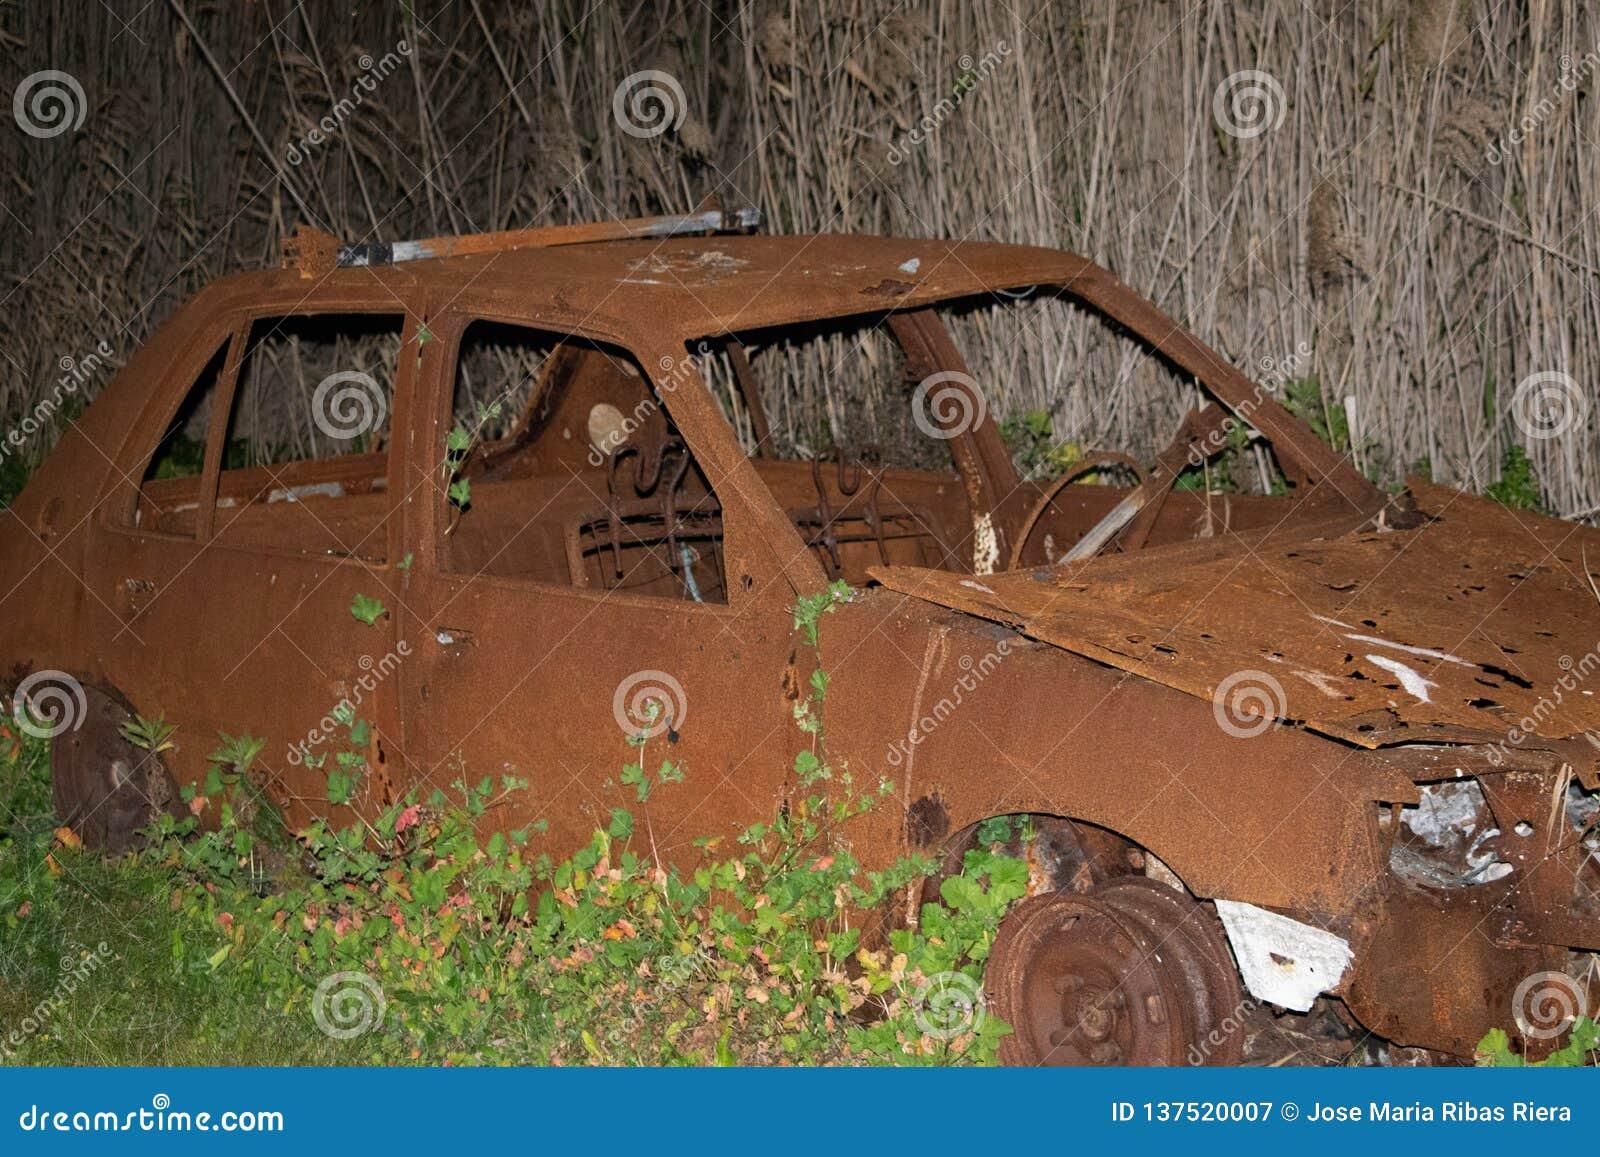 Сгорели старый автомобиль